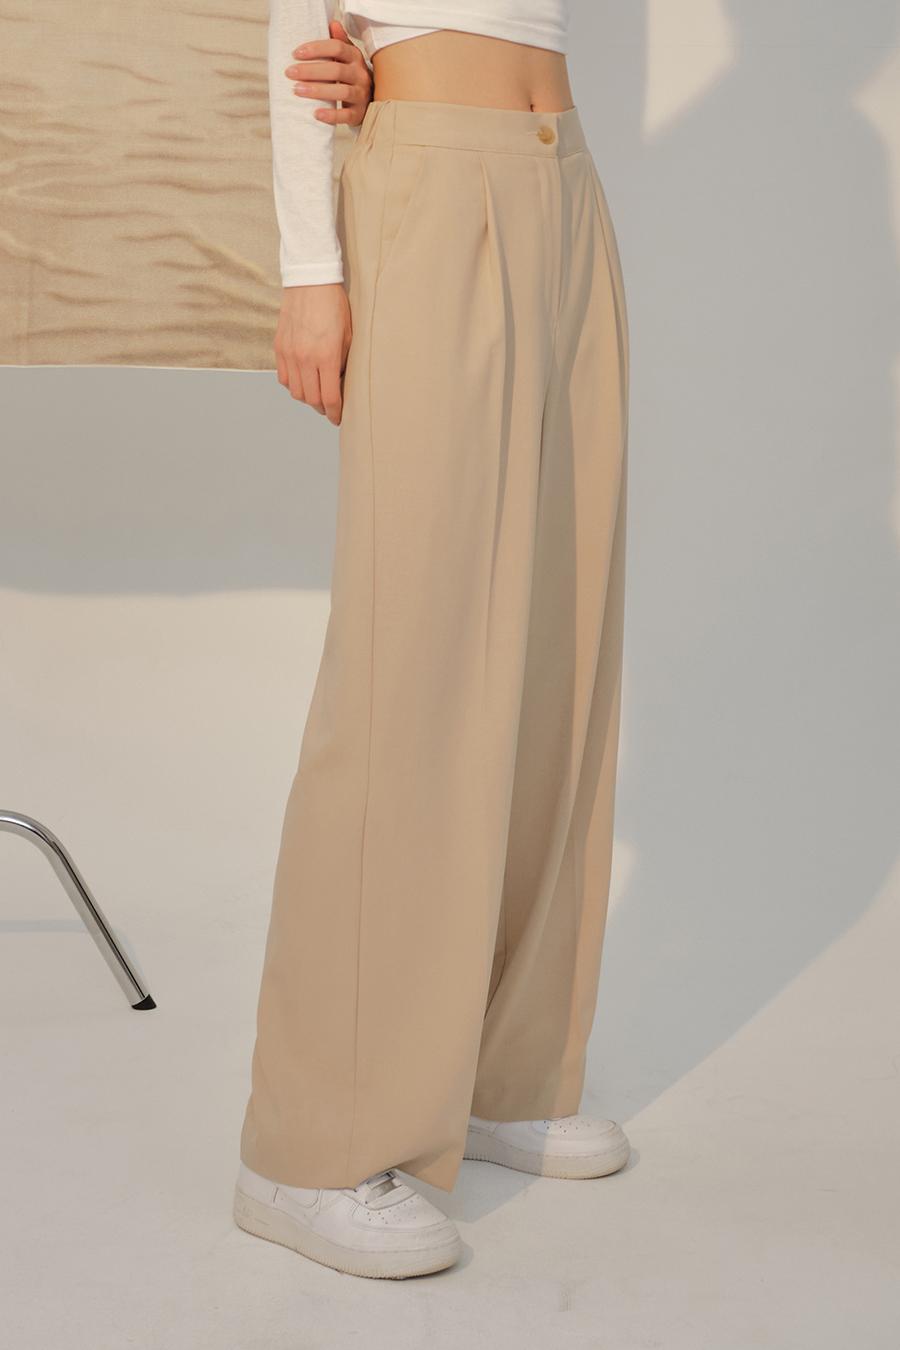 멜빵 스커트/바지 모델 착용 이미지-S1L40